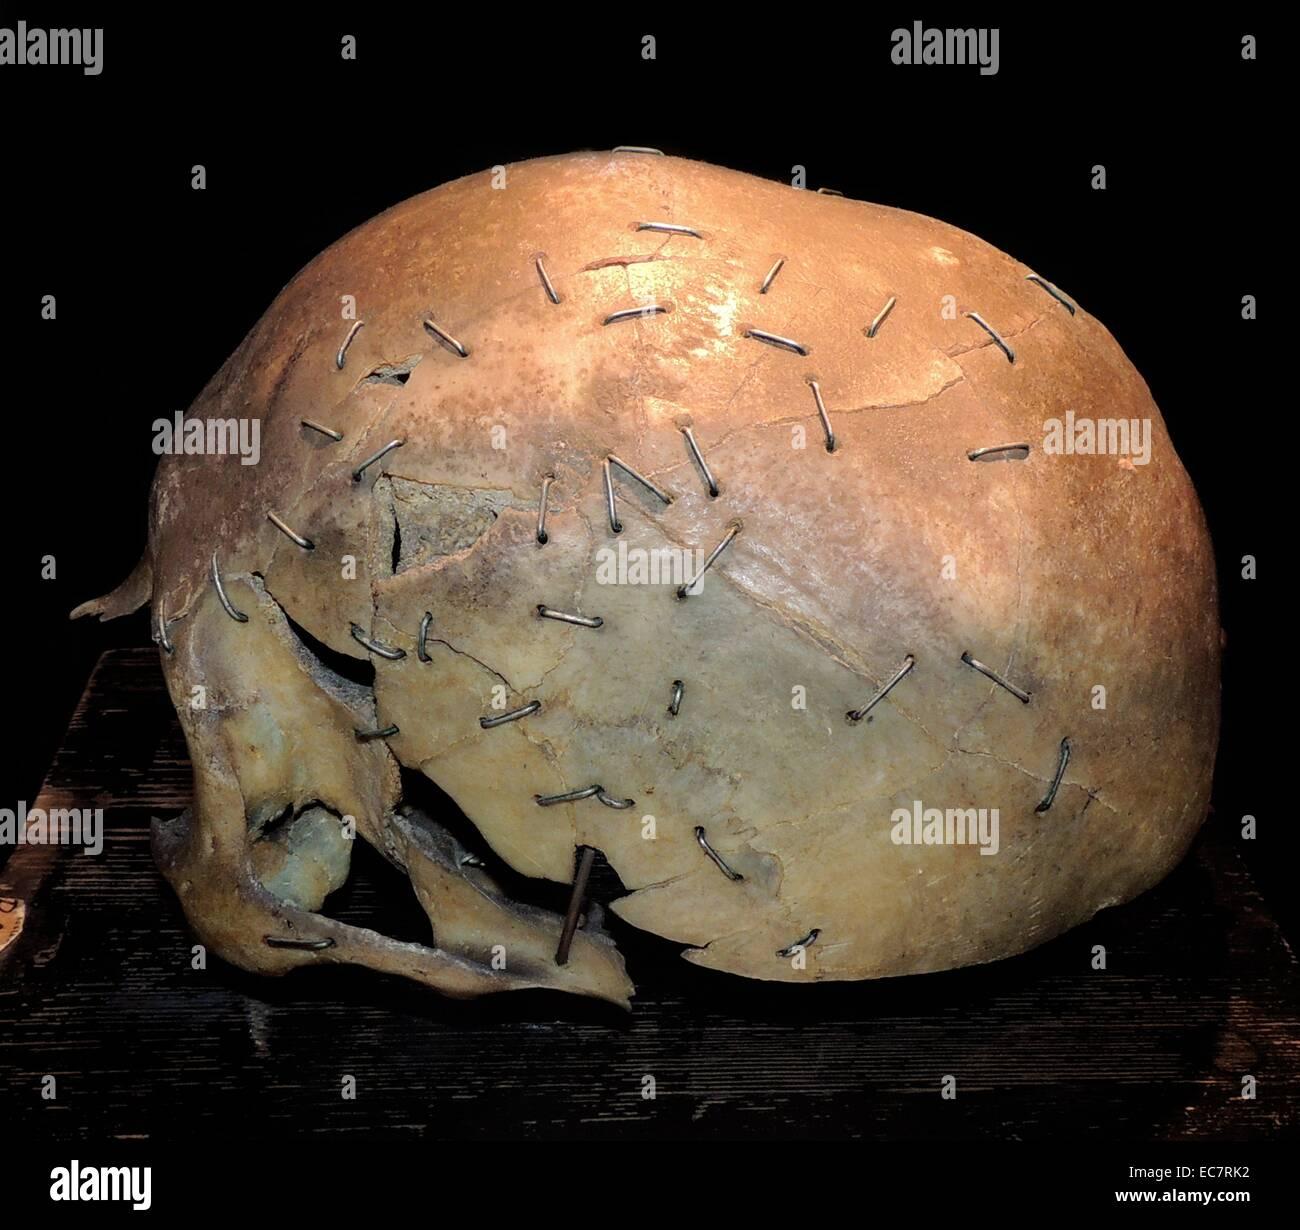 Cráneo con heridas graves. Ubicado en la histórica colección, Instituto de Patología de la Universidad Imagen De Stock